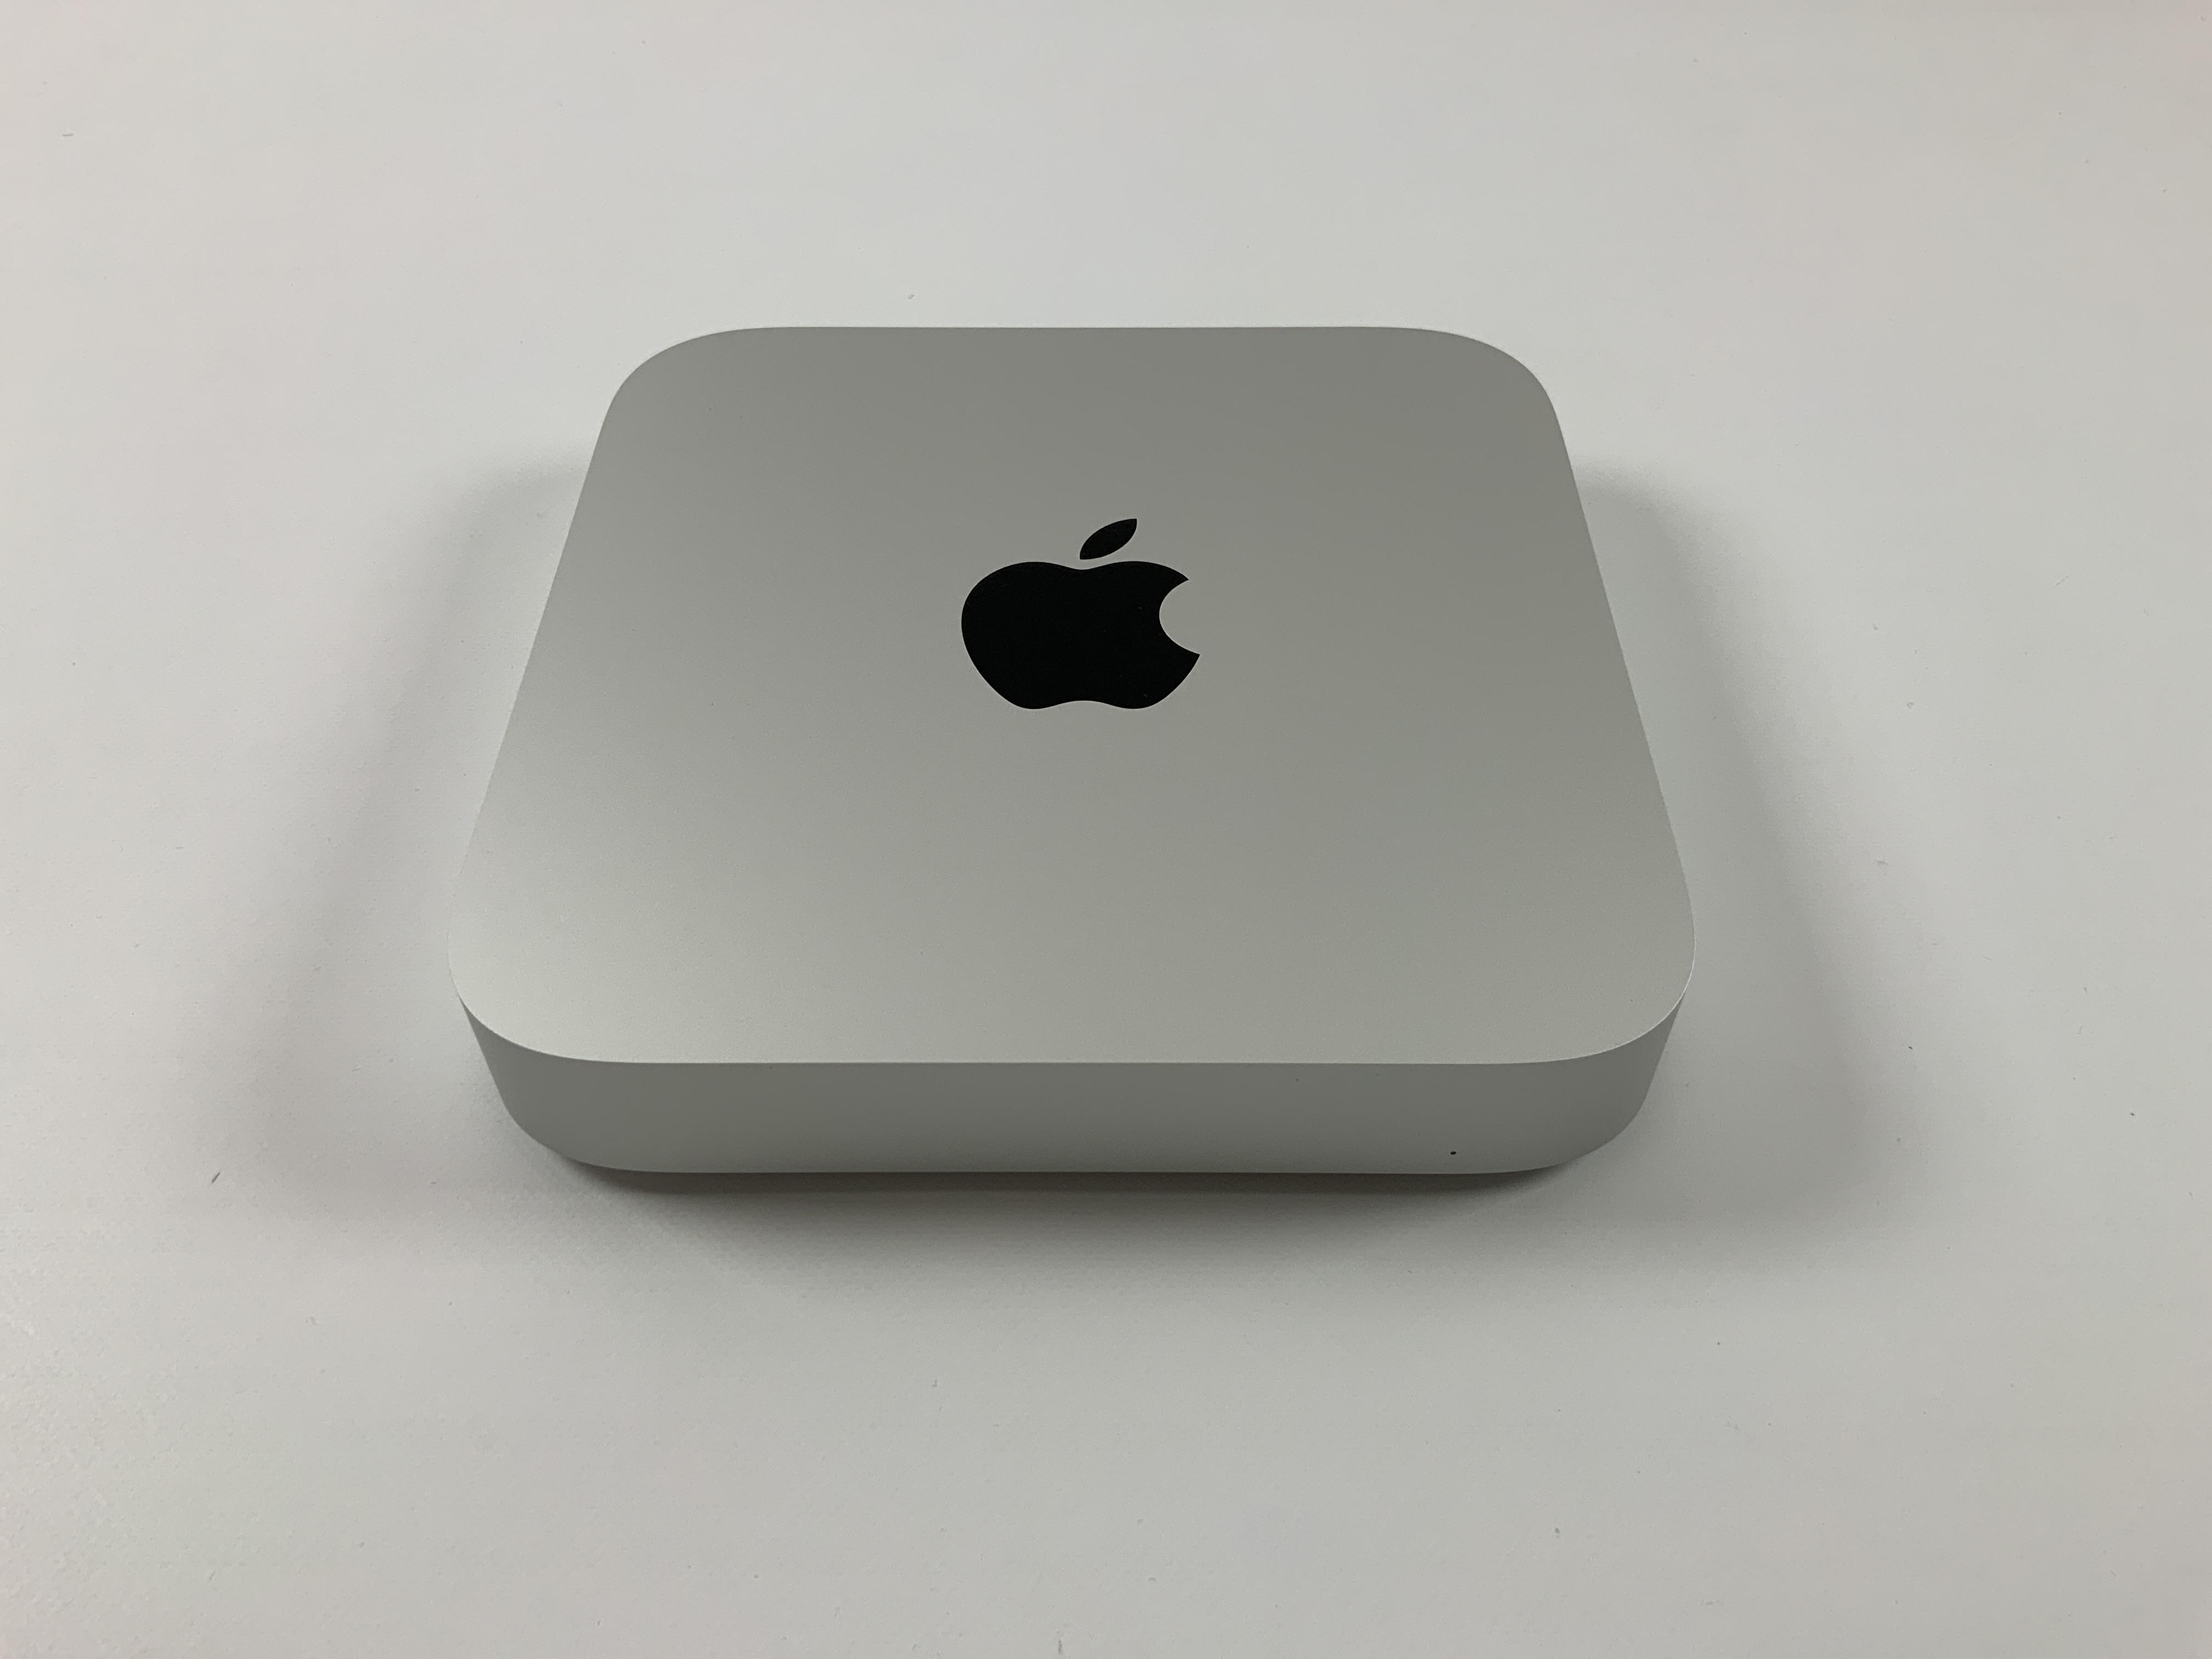 Mac Mini M1 2020 (Apple M1 3.2 GHz 8 GB RAM 256 GB SSD), Apple M1 3.2 GHz, 8 GB RAM, 256 GB SSD, Kuva 1